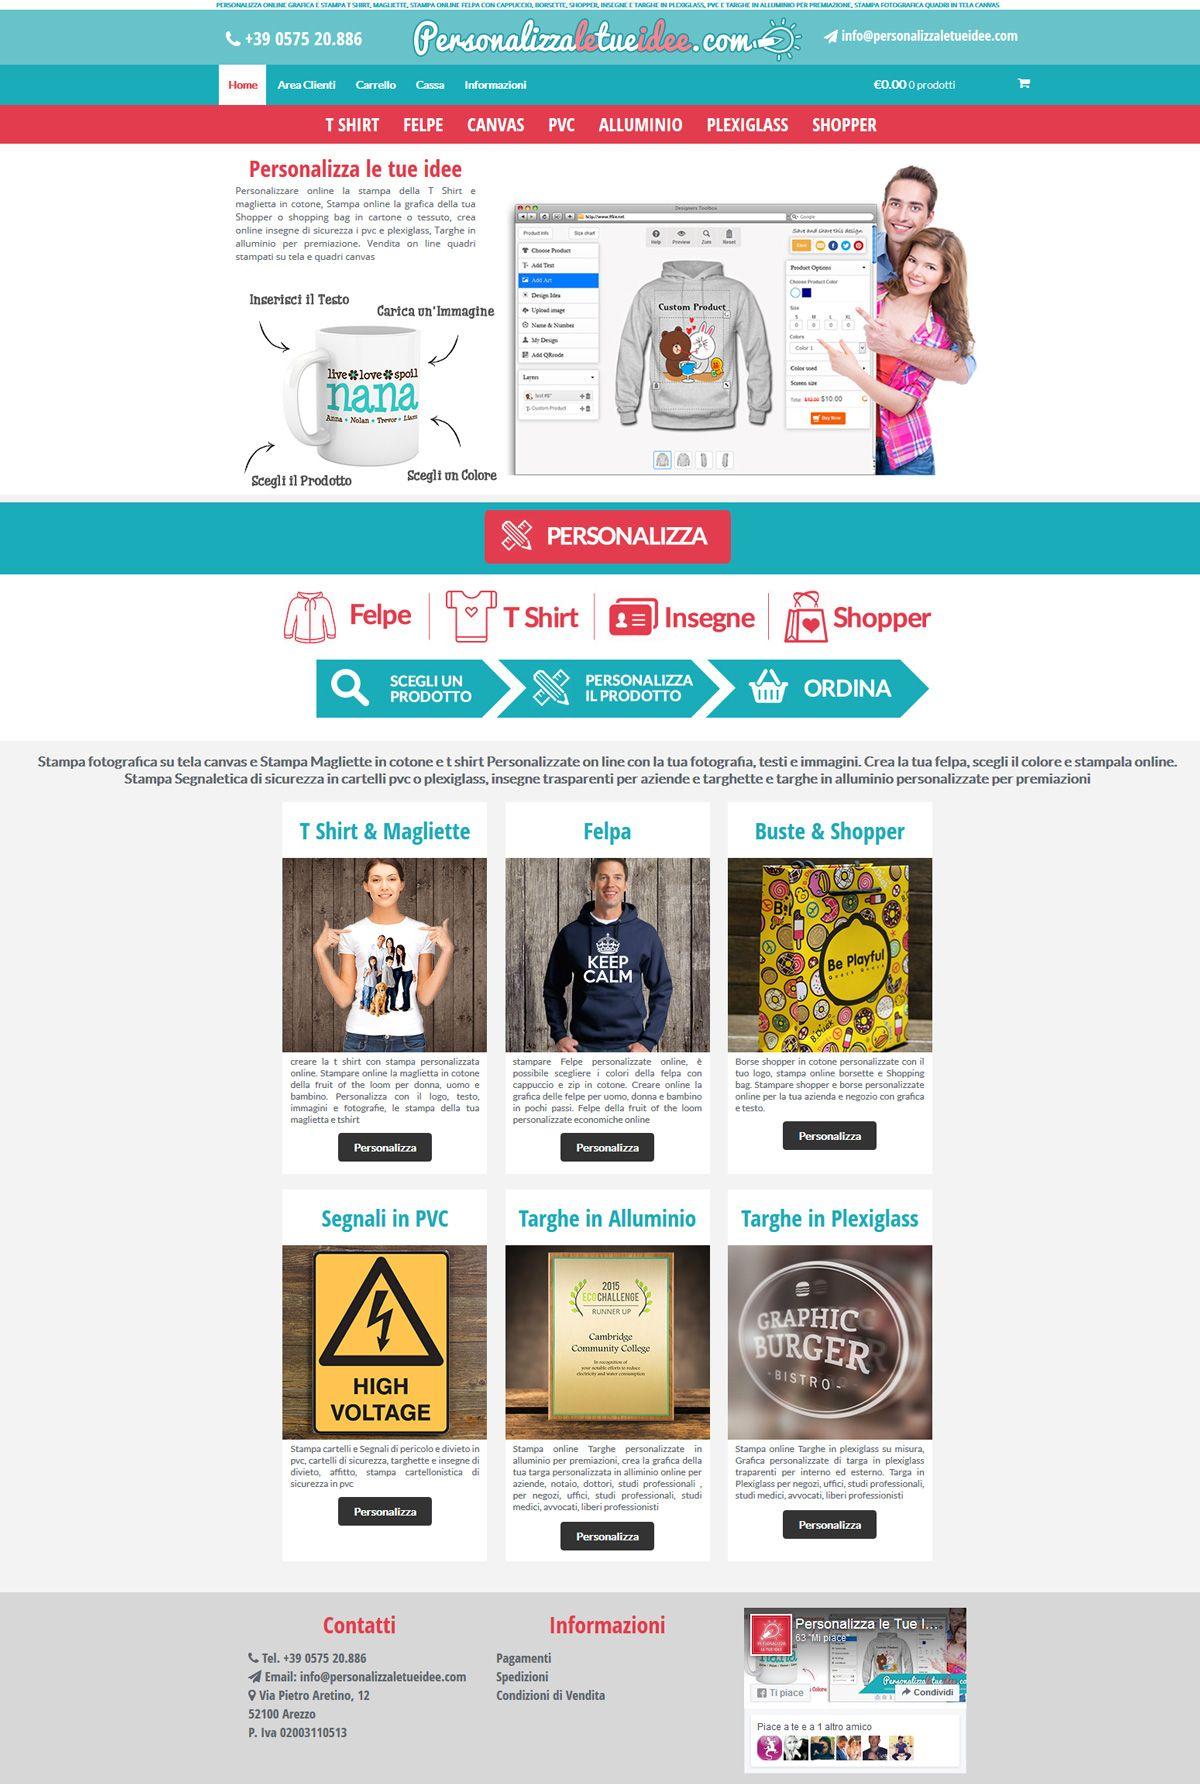 Creazione Sito Web Per Personalizzare Tshirt E Magliette